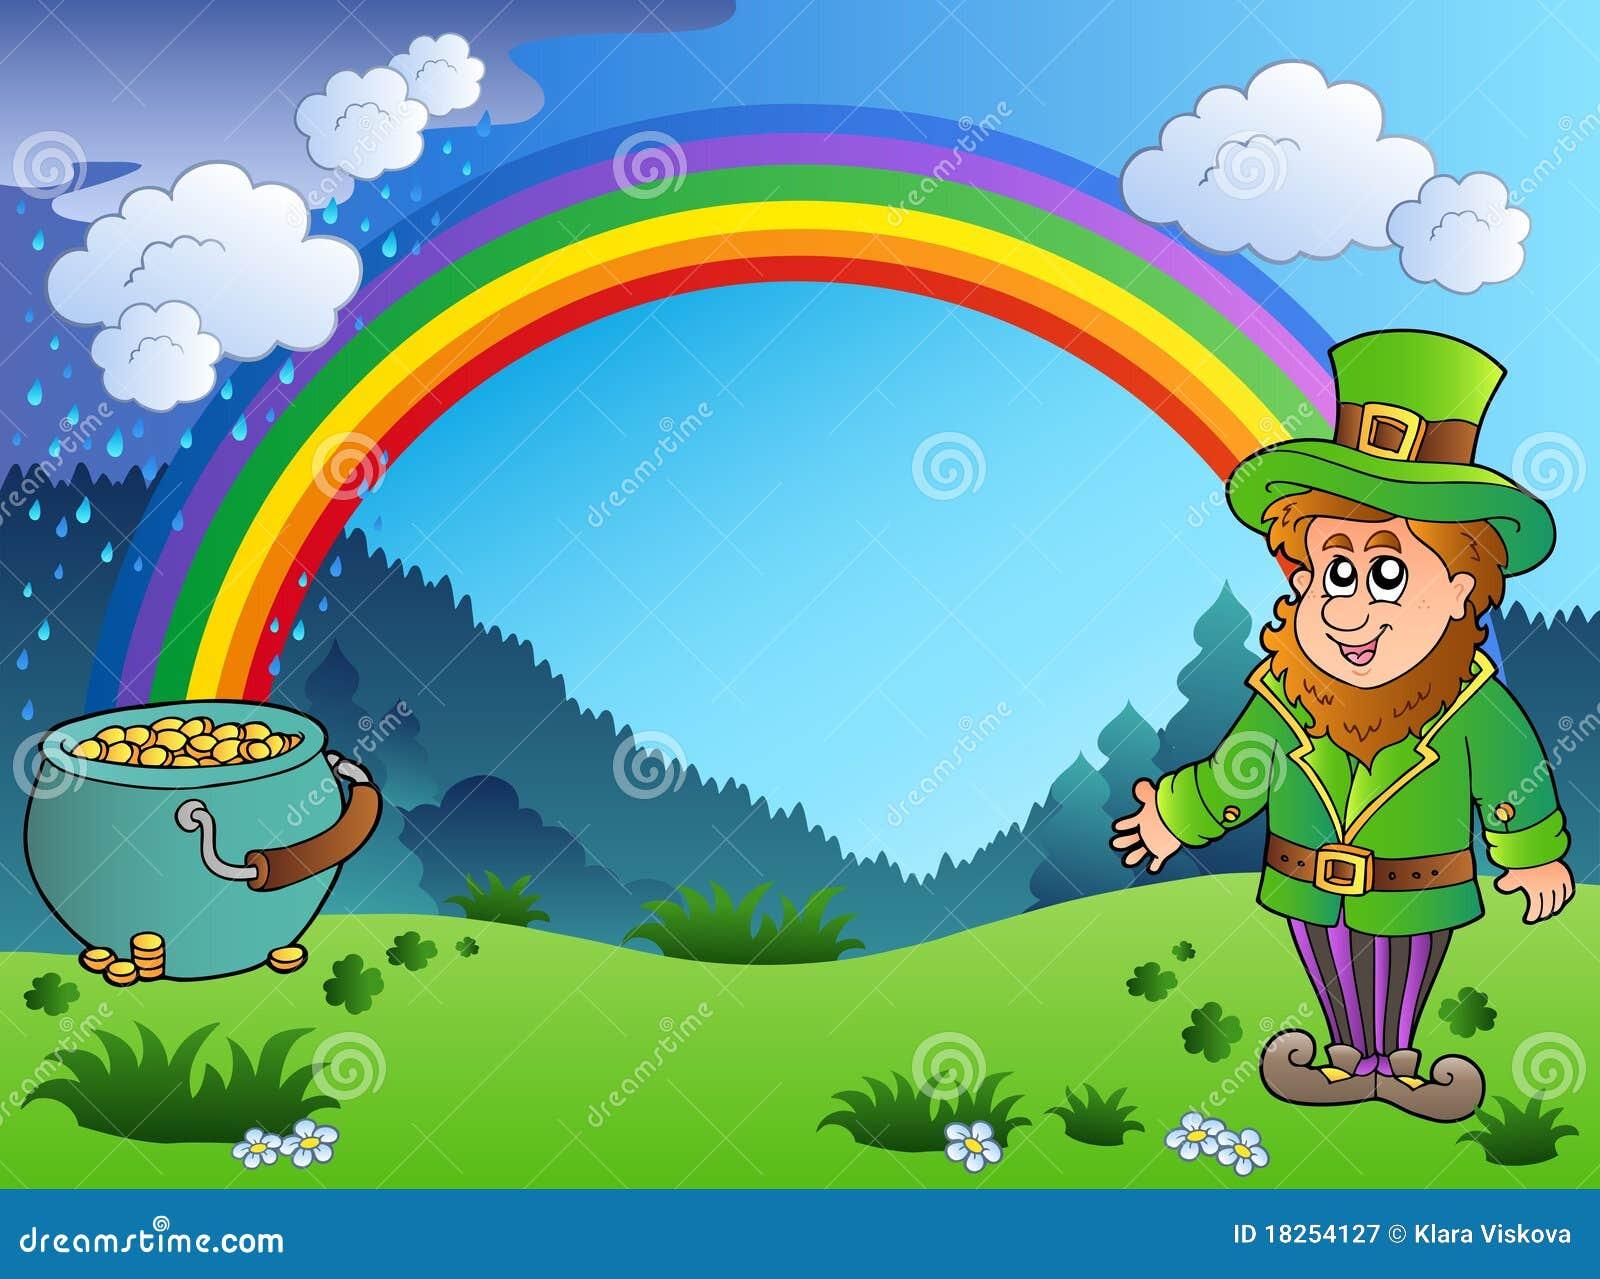 kobold regenbogen